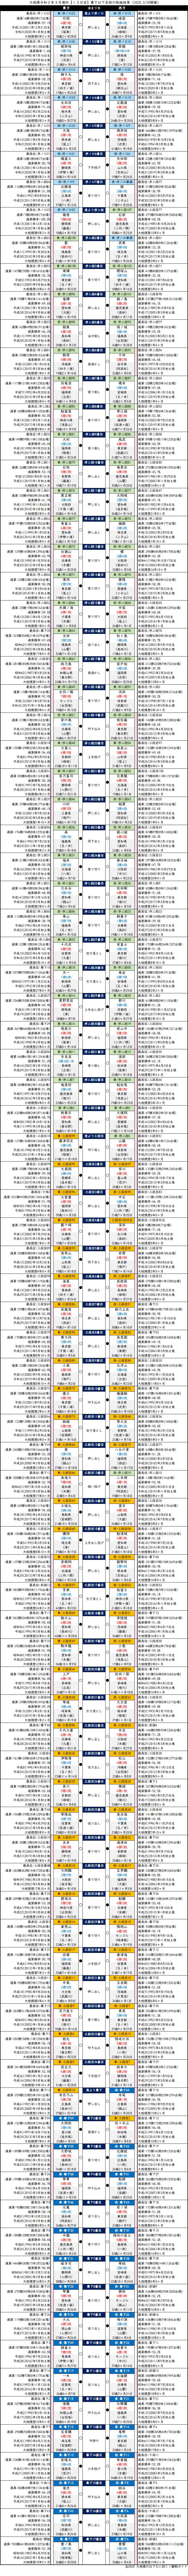 大相撲・2020年3月場所13日目・幕下以下の取組結果